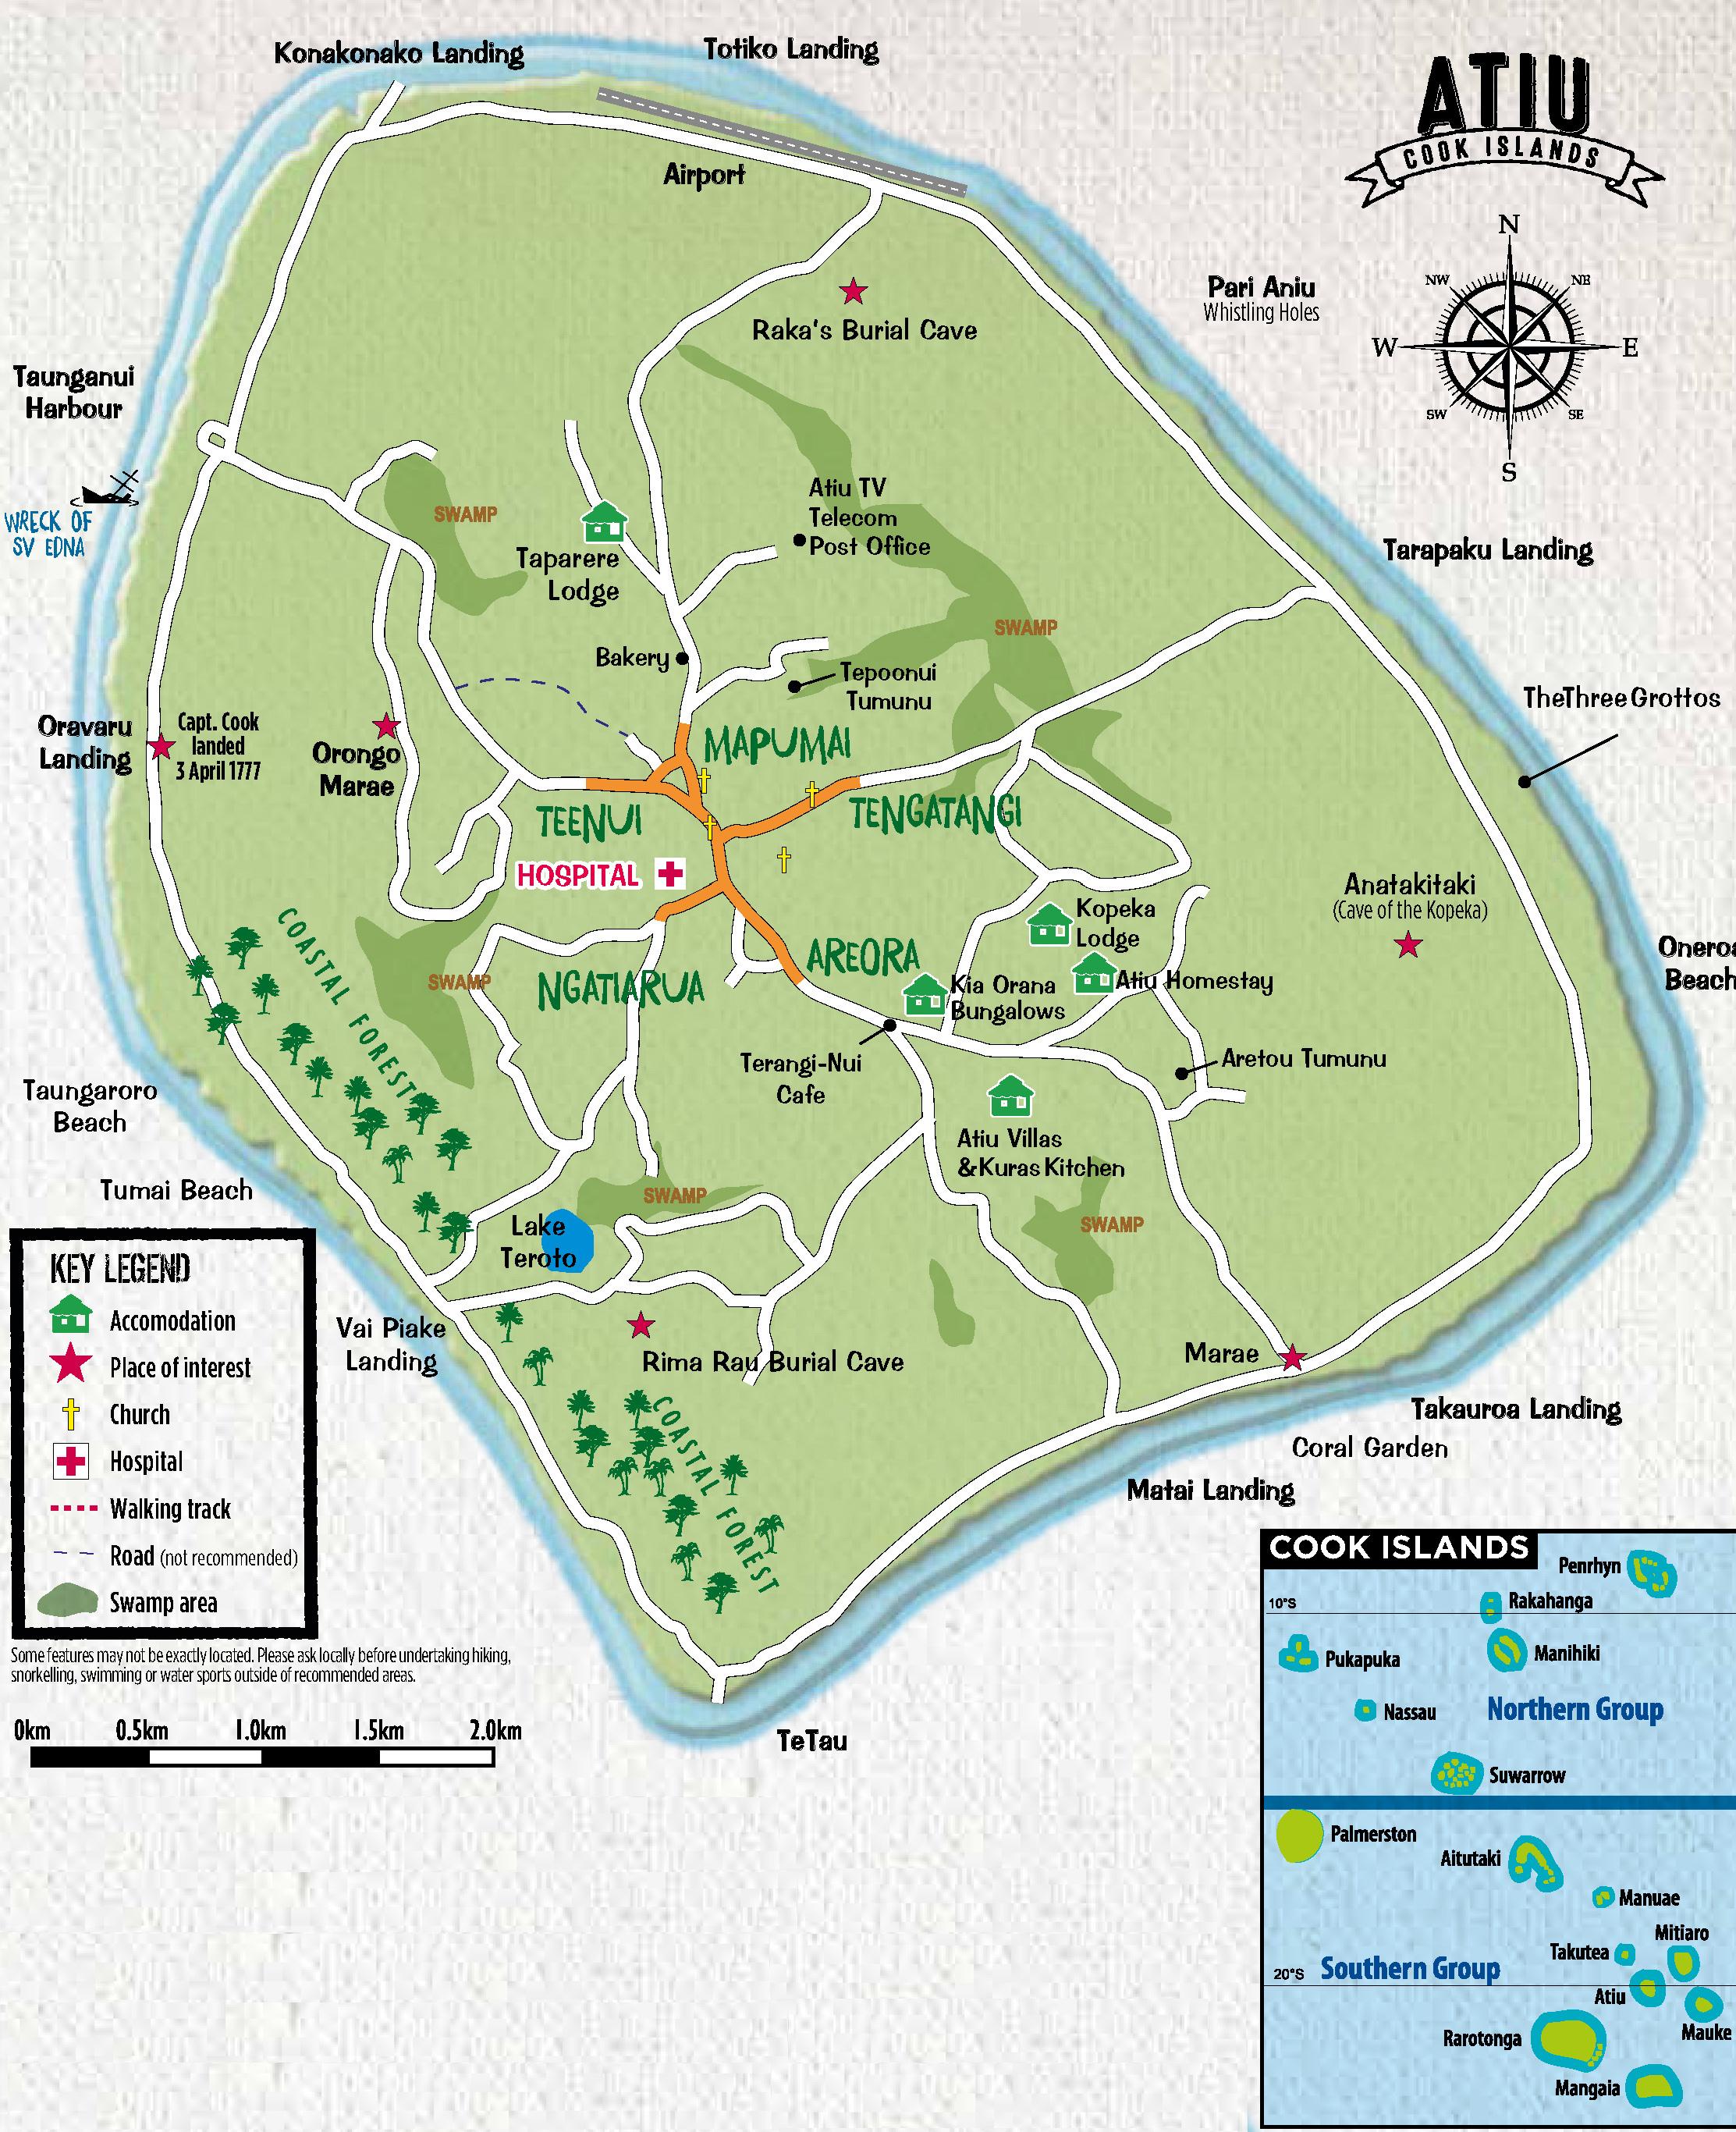 A map of Atiu. Source: Cook Islands Sun.